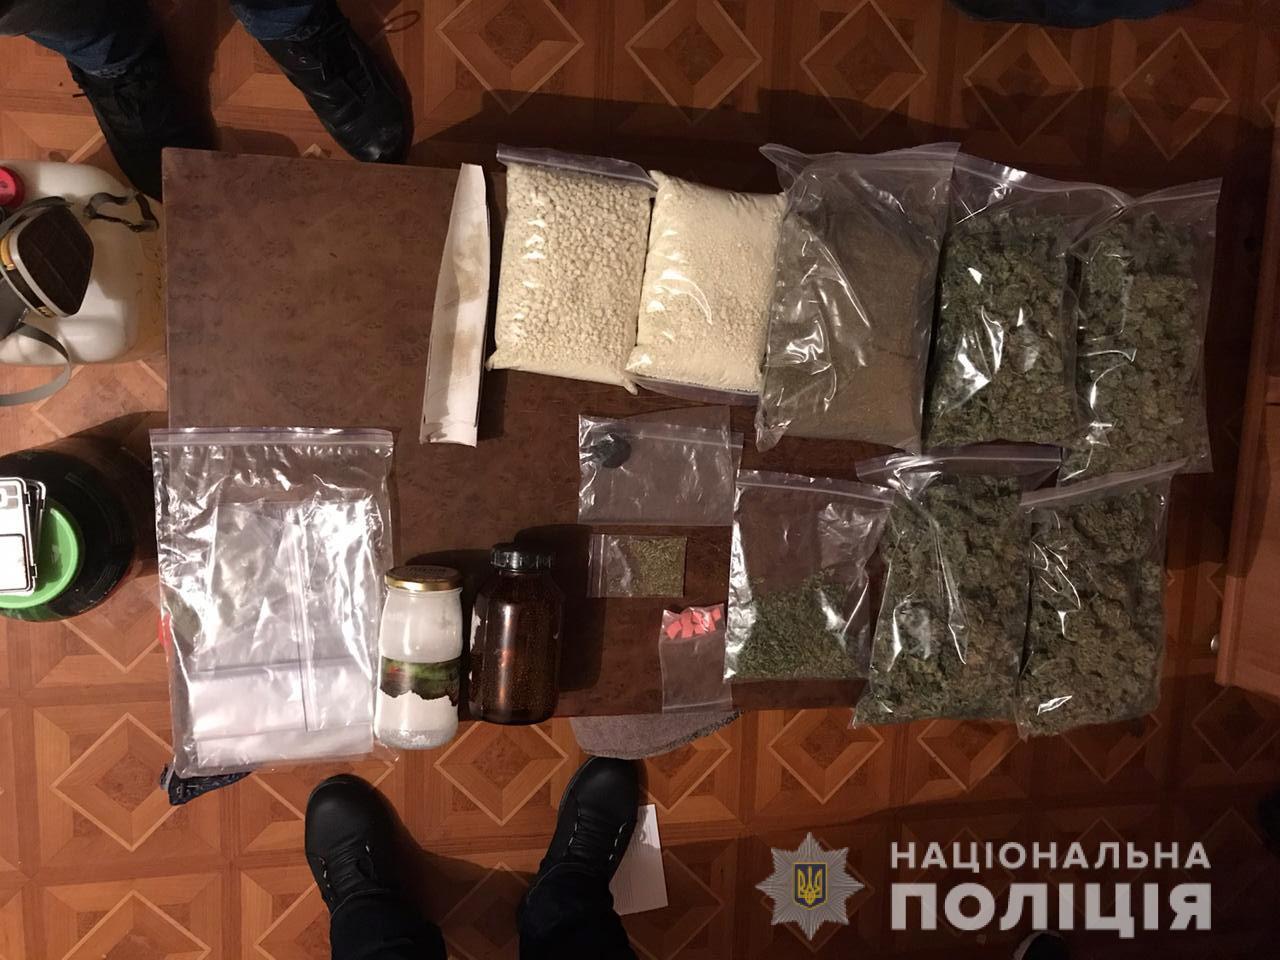 В Днепре парень продавал наркотики из-за сериала. Новости Днепра